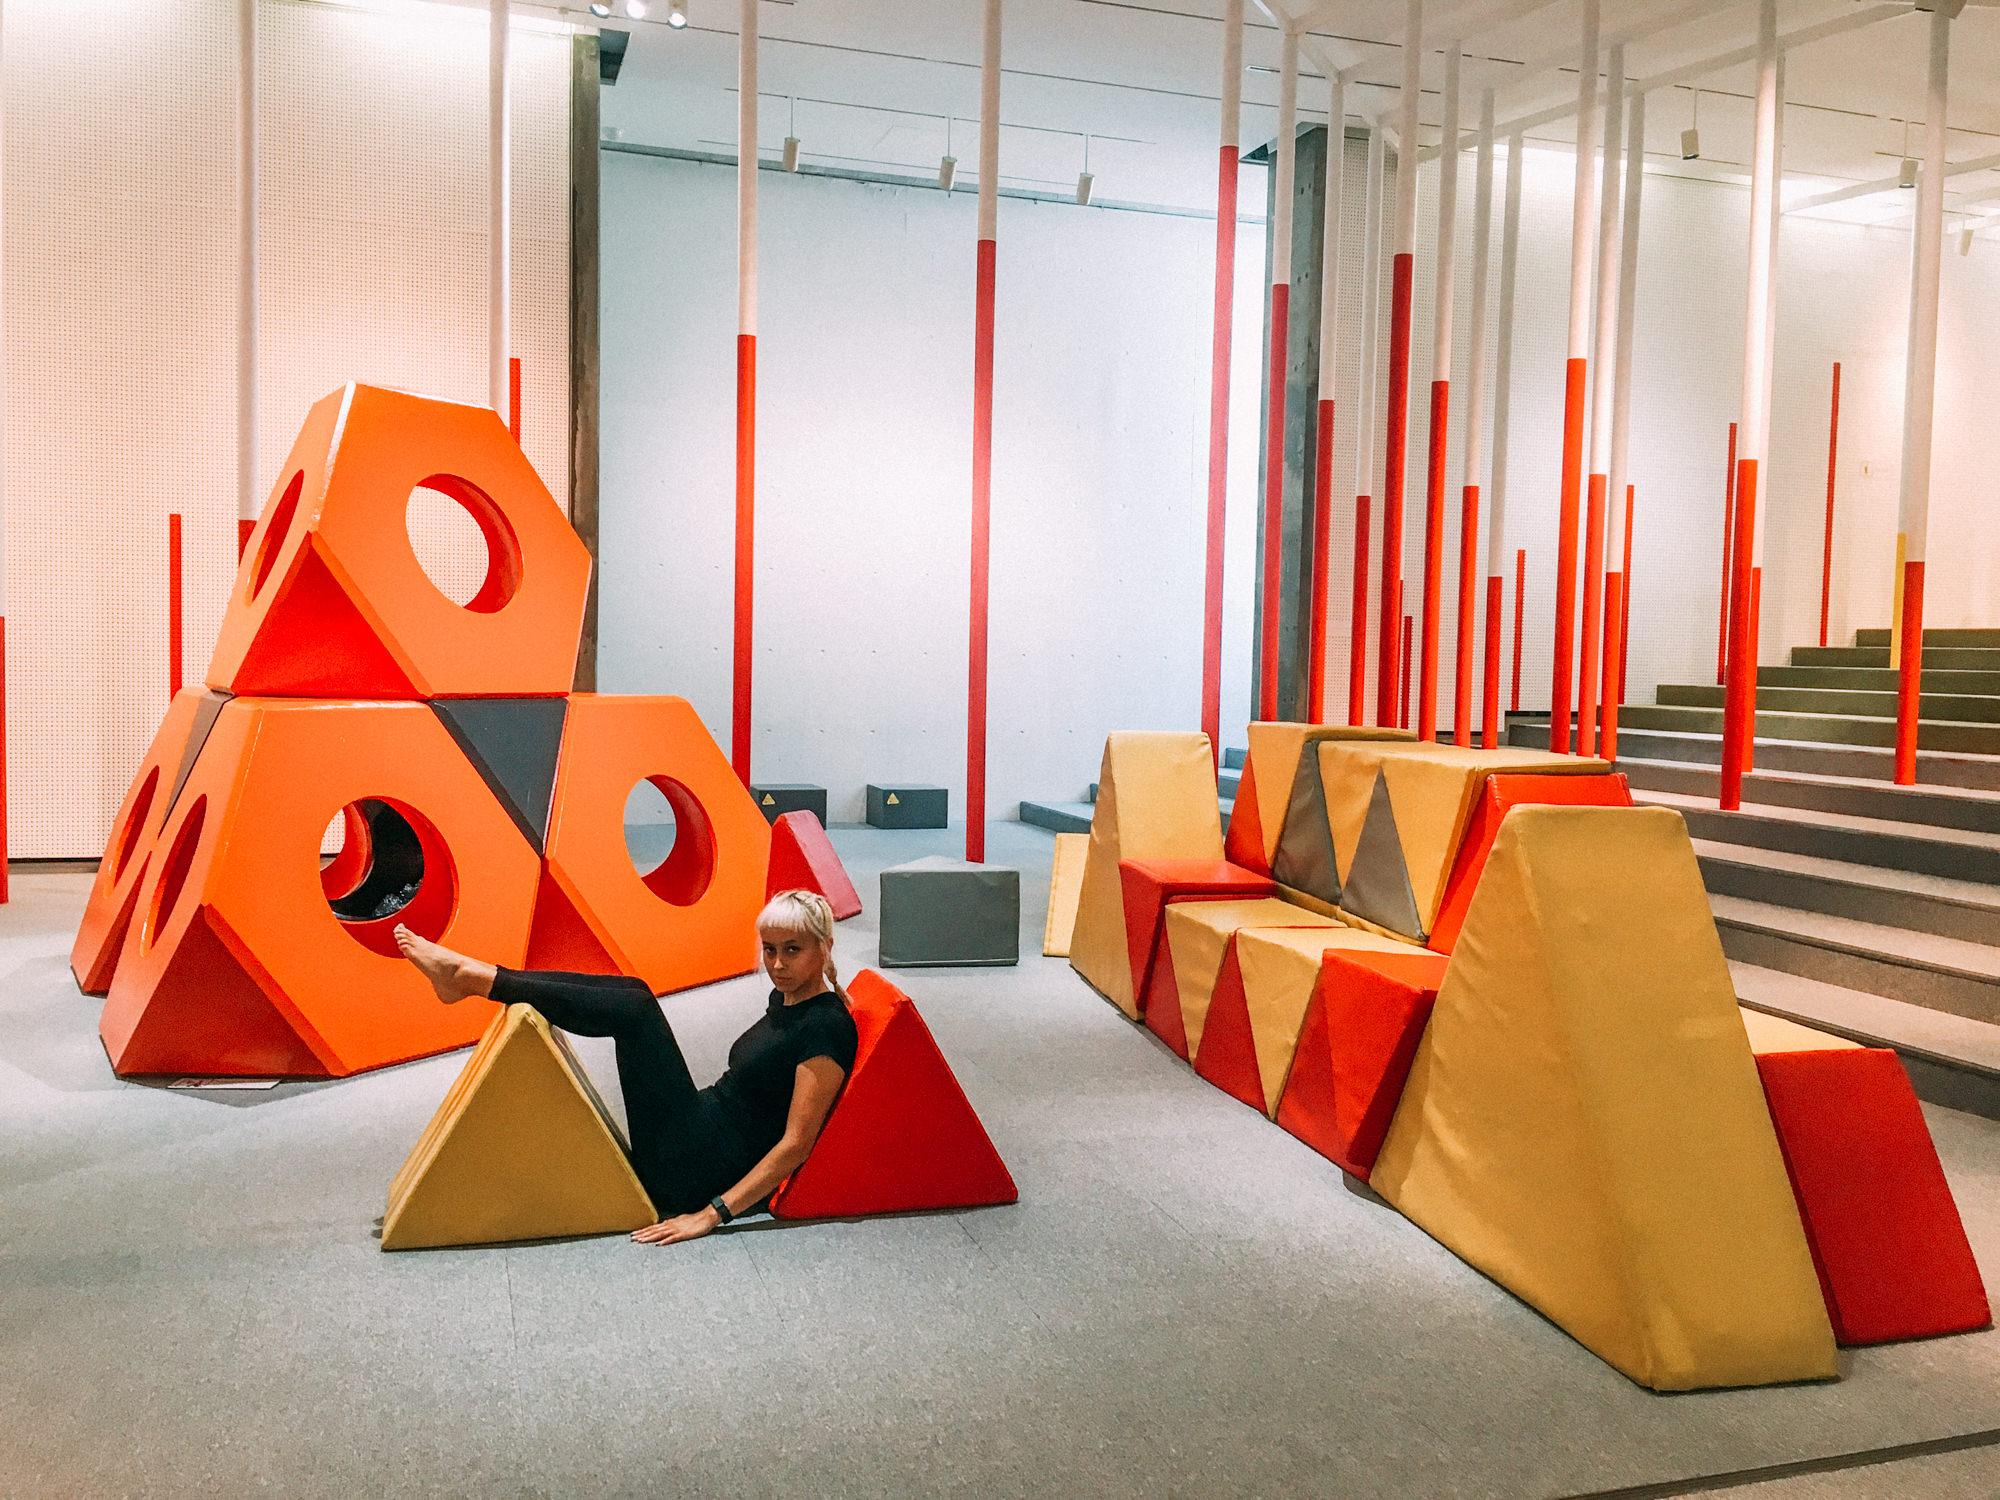 Zig-Zag △ (triangular)World:shape art based on the work of Isamu Noguchi